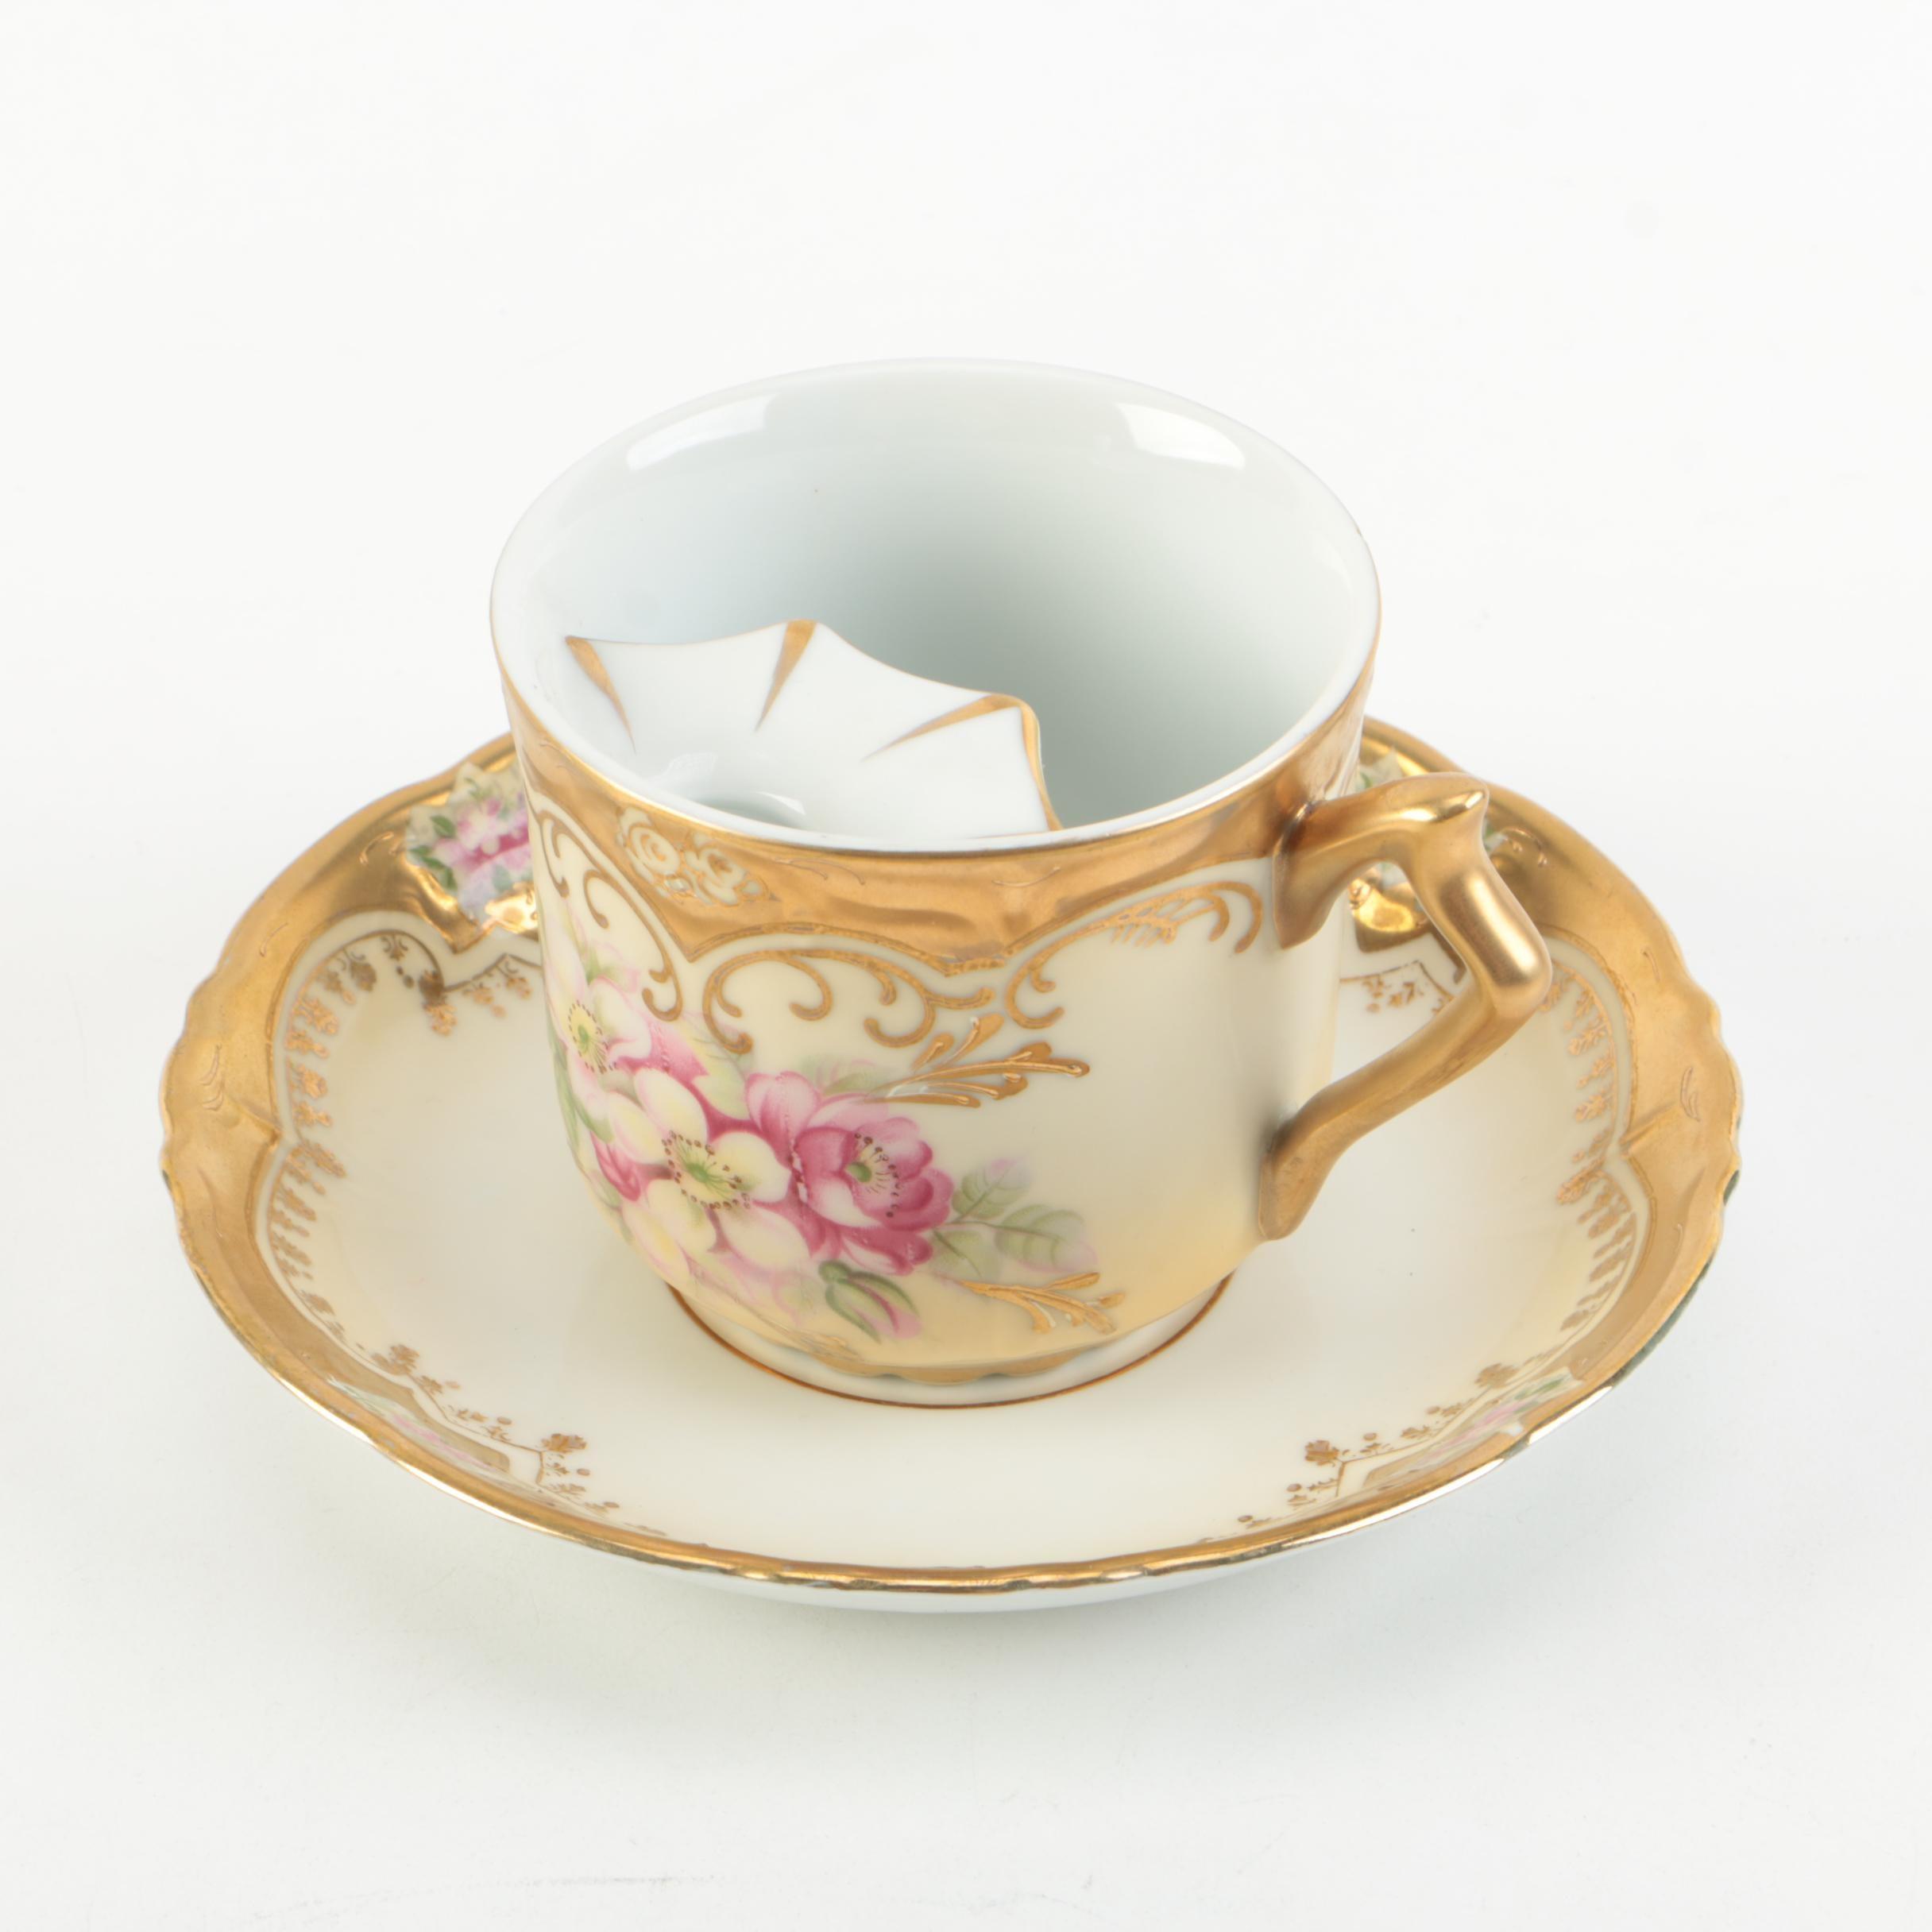 Vintage Arnart Porcelain Mustache Teacup and Saucer